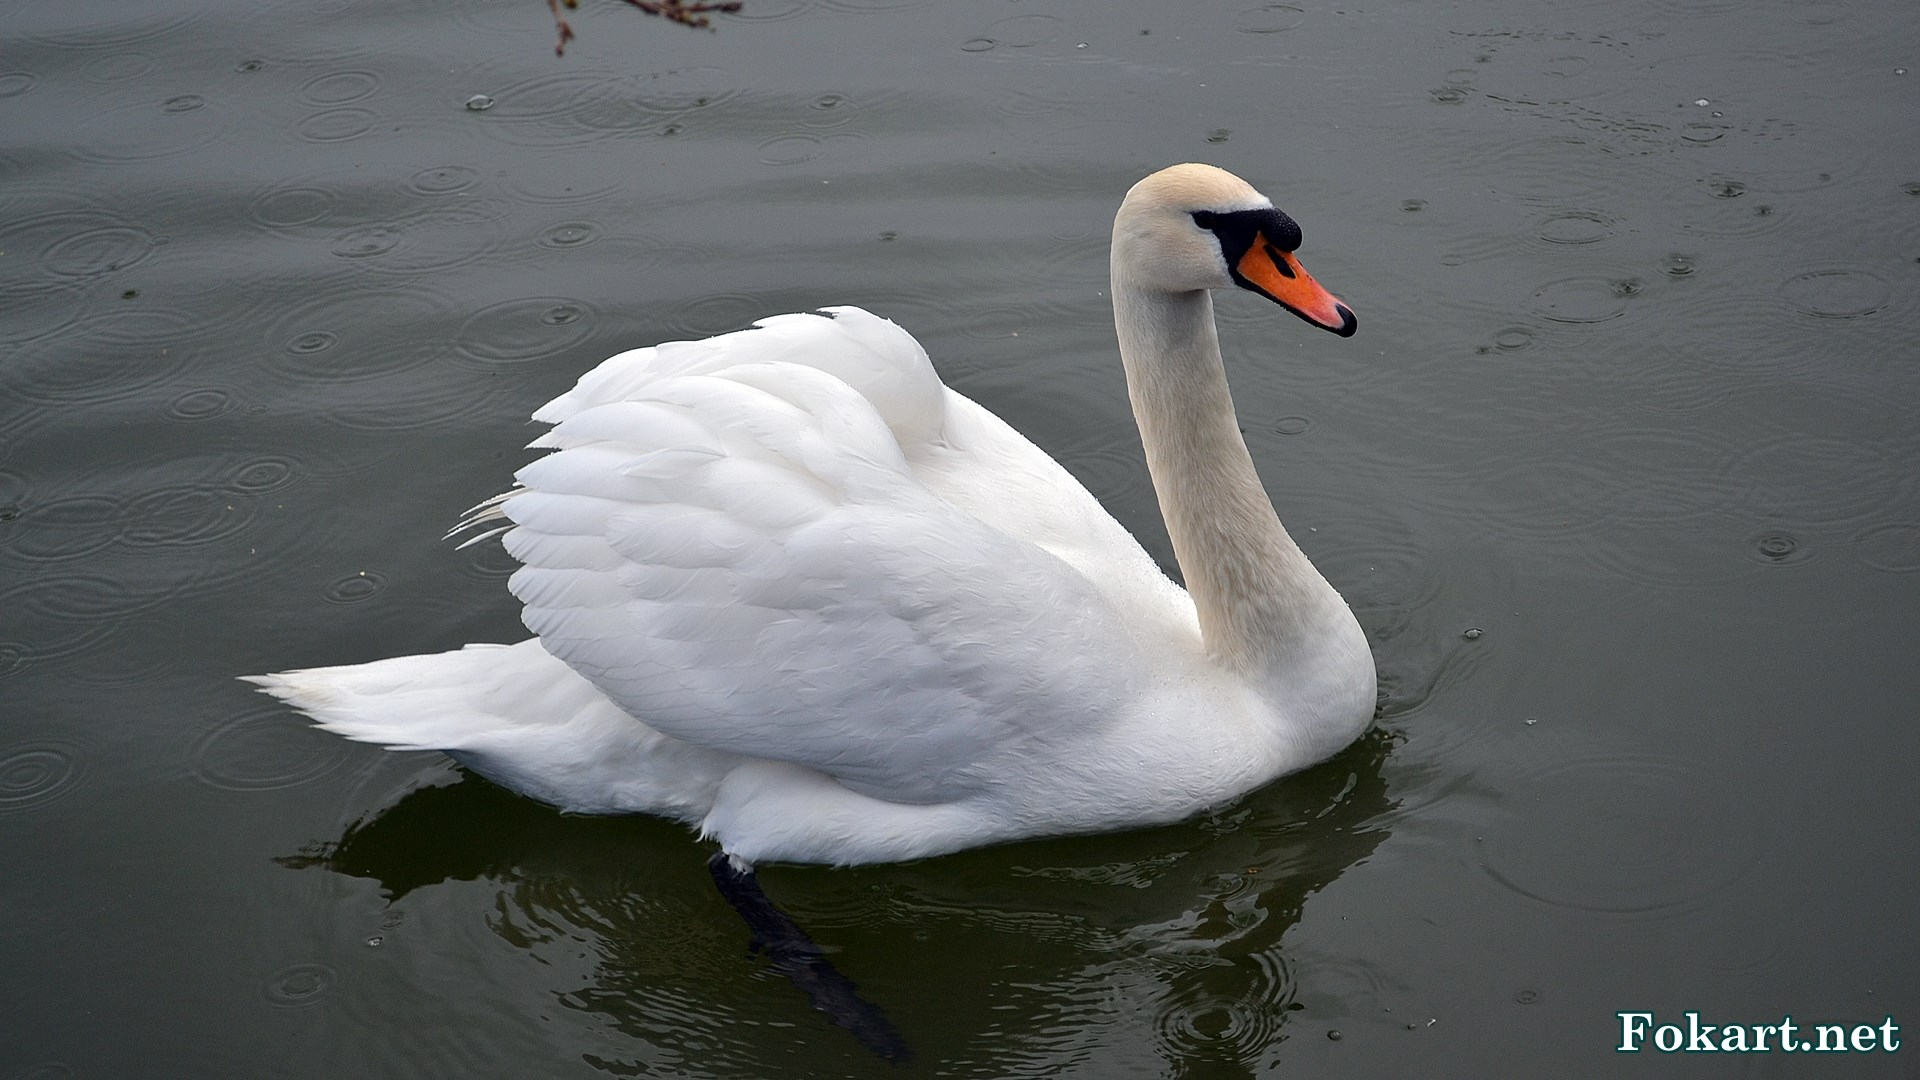 Белый лебедь под апрельским дождём в парке на пруду.